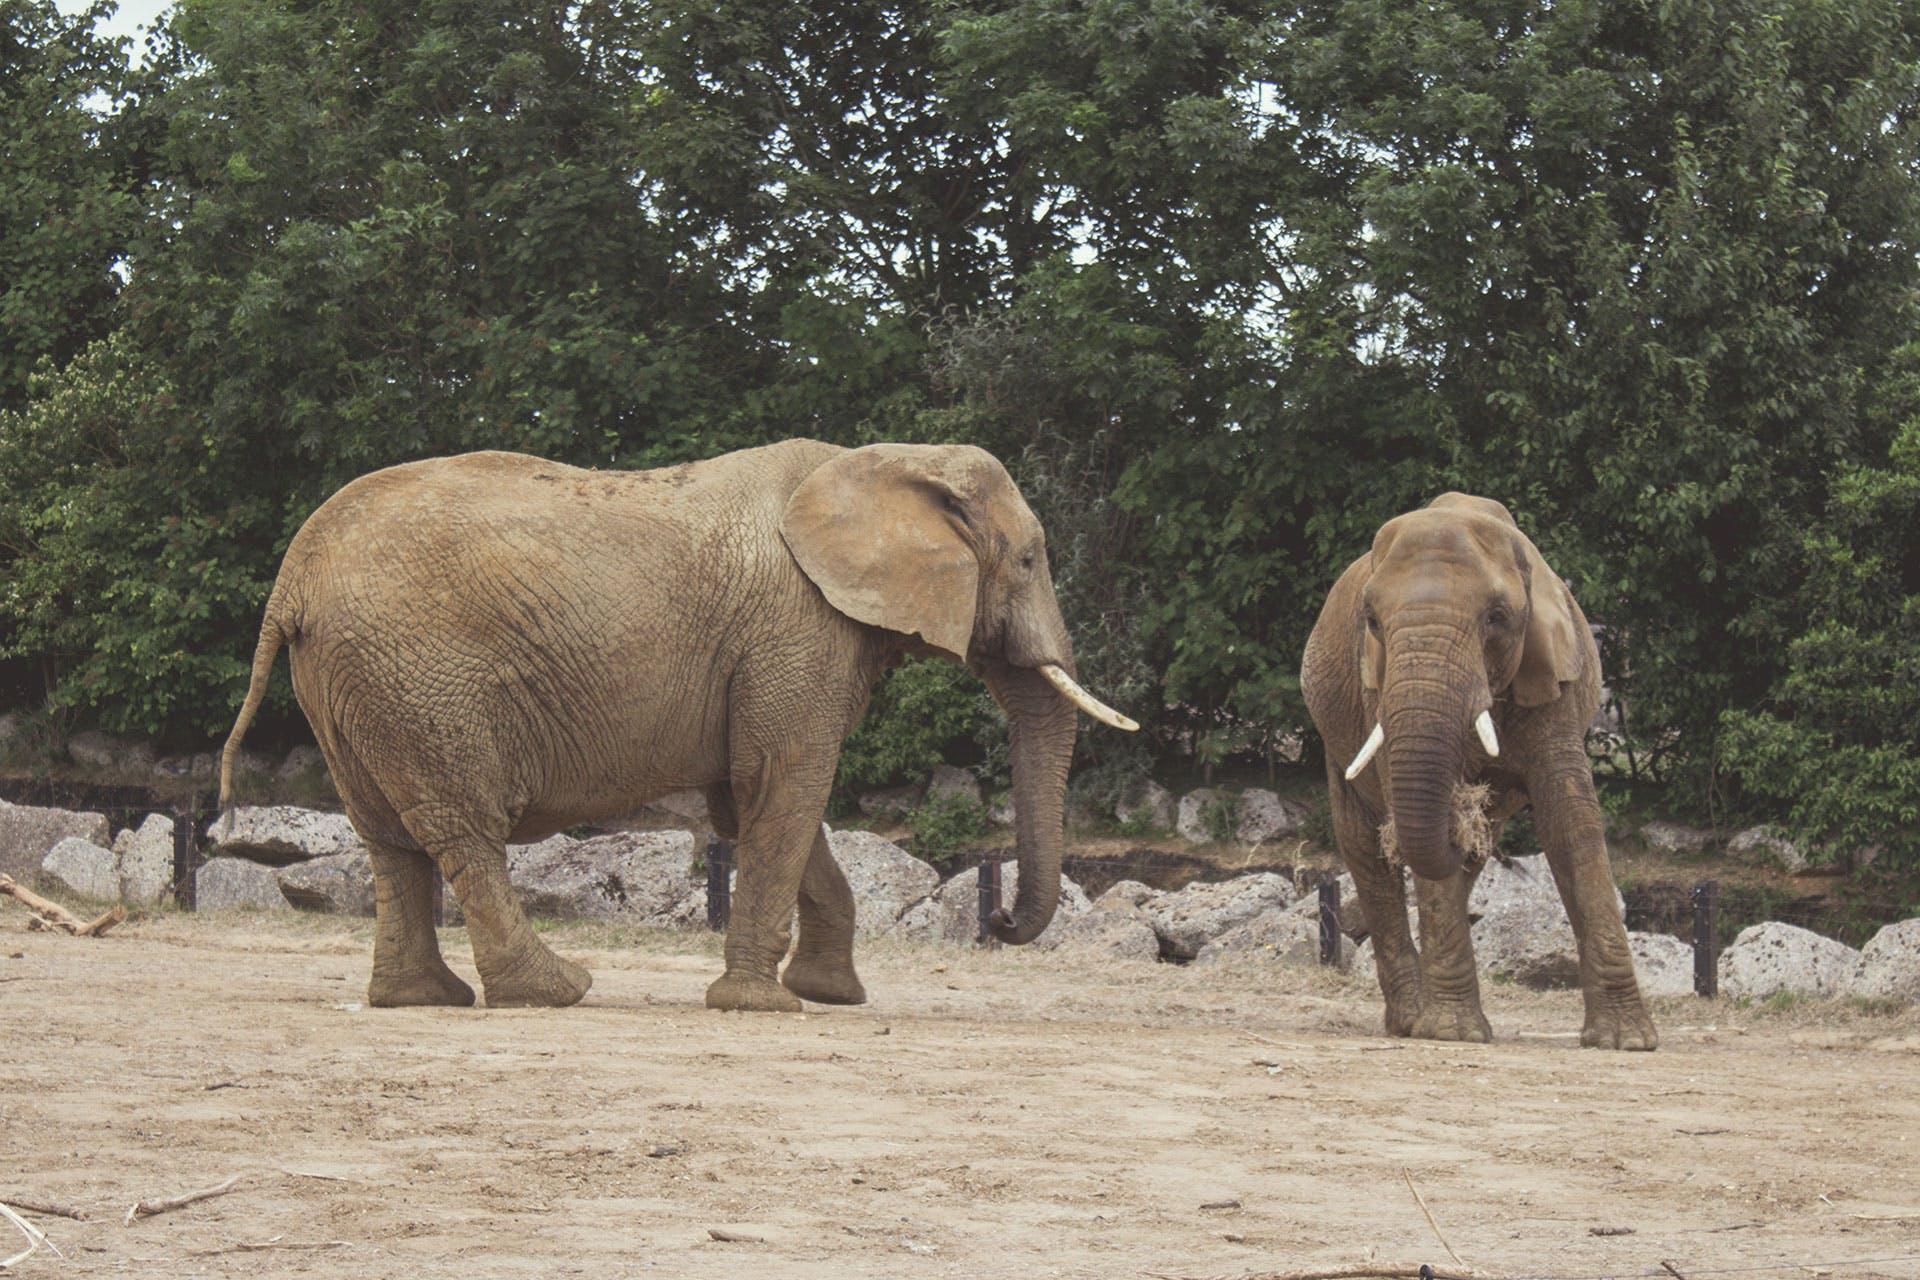 Fotos de stock gratuitas de África, animal, elefantes, mamífero